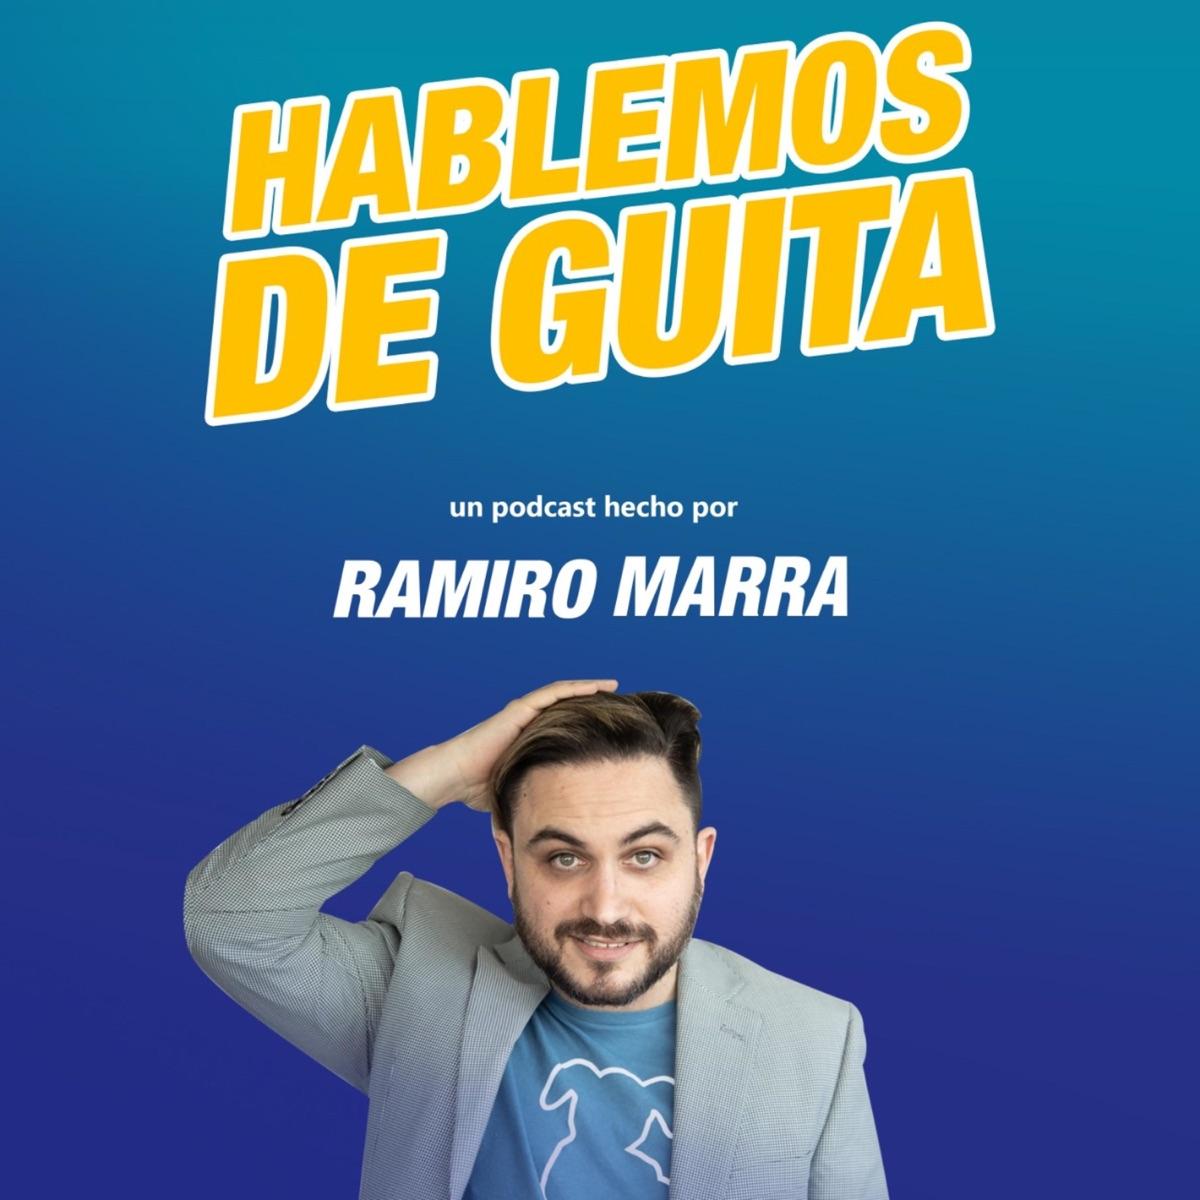 Hablemos de Guita con Ramiro Marra